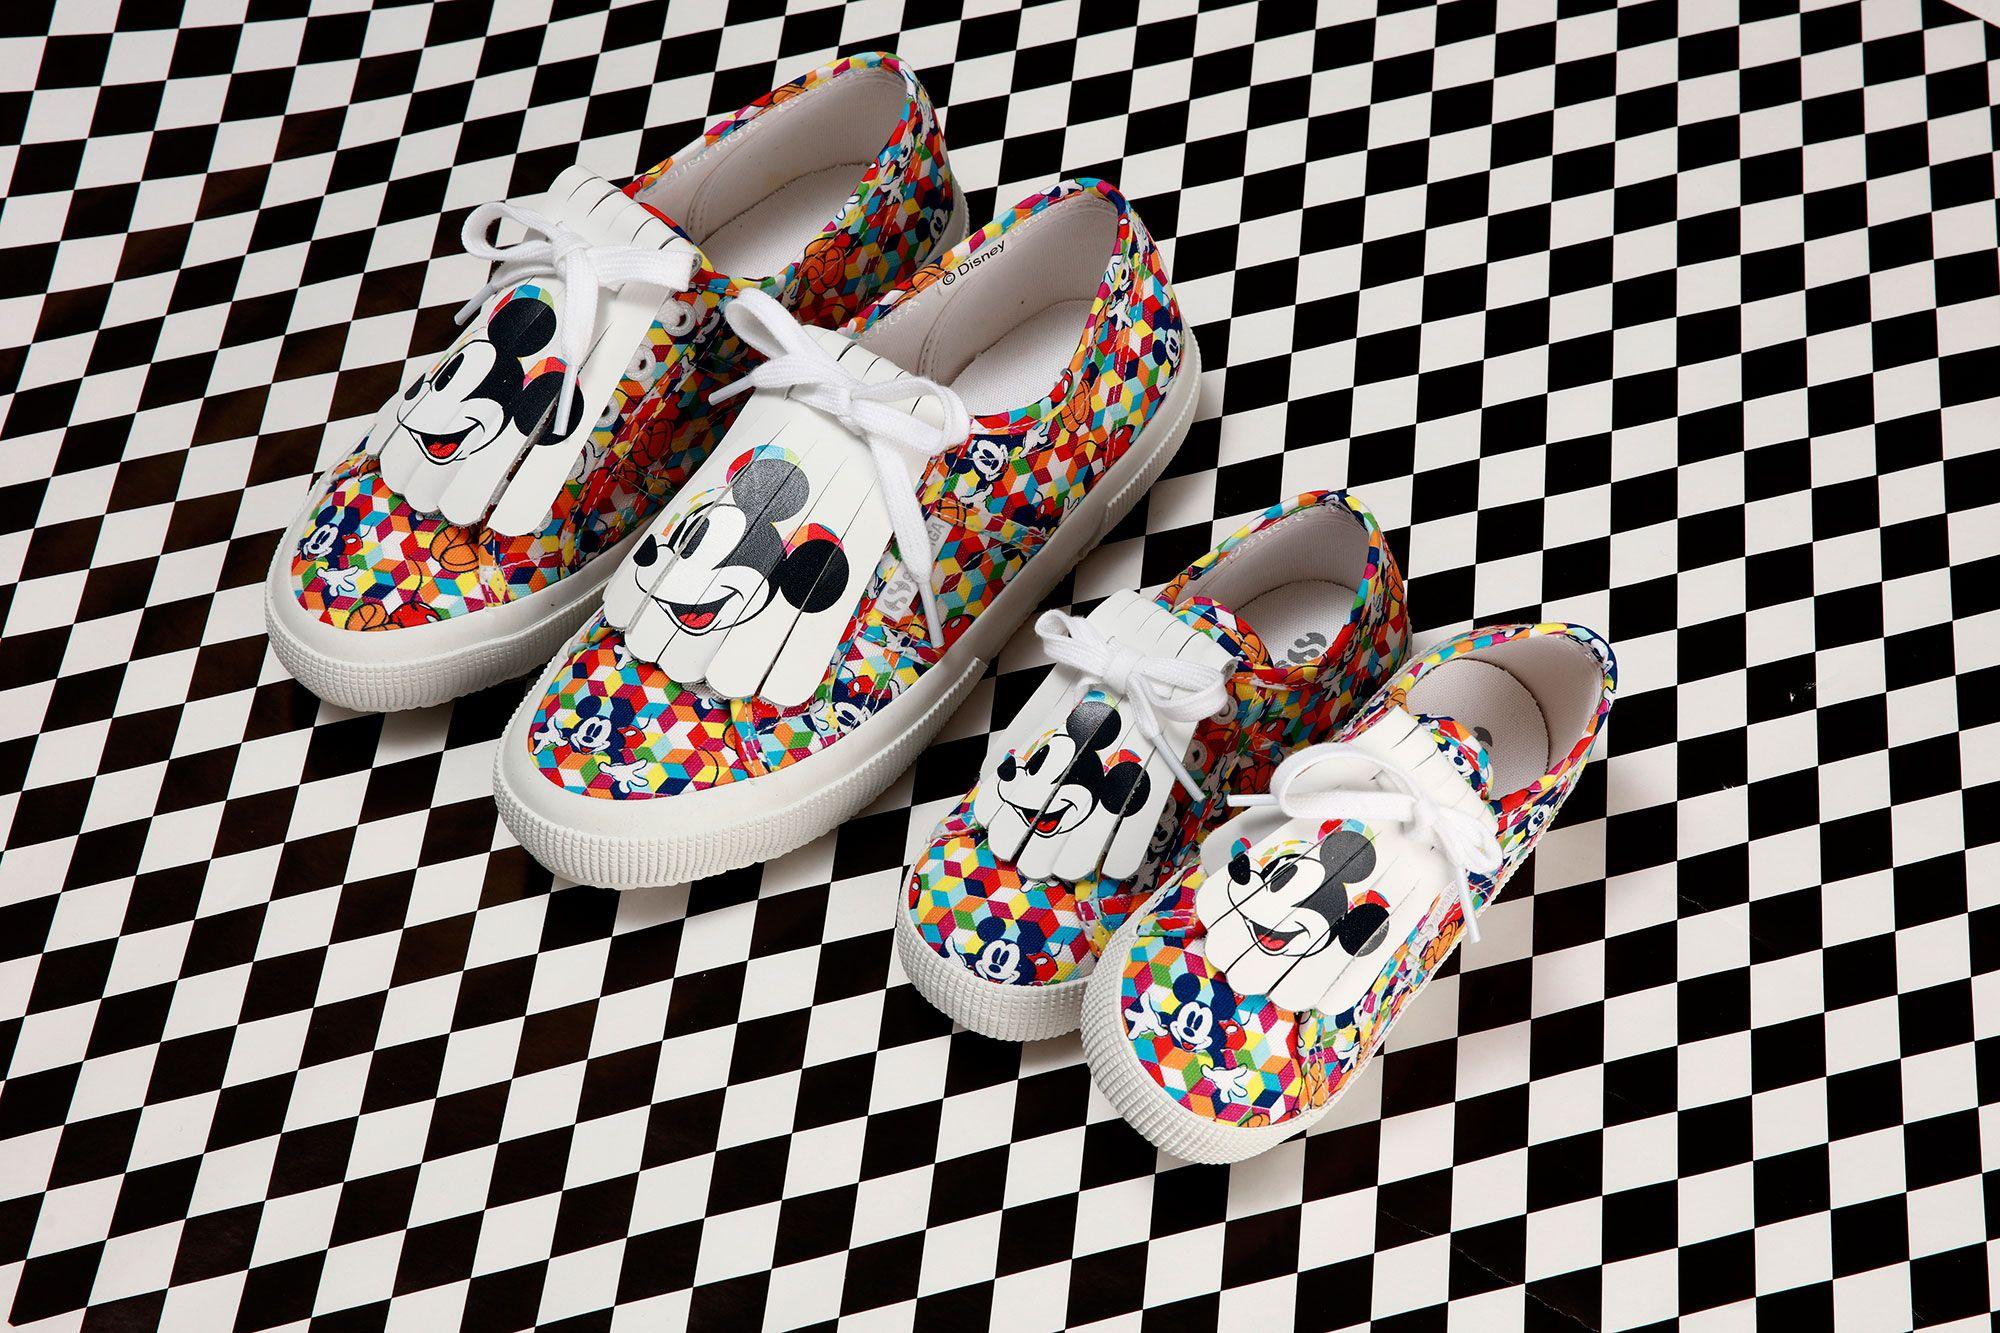 c1d5a42c0365e Superga y Disney han lanzado una colección para adultos y niños